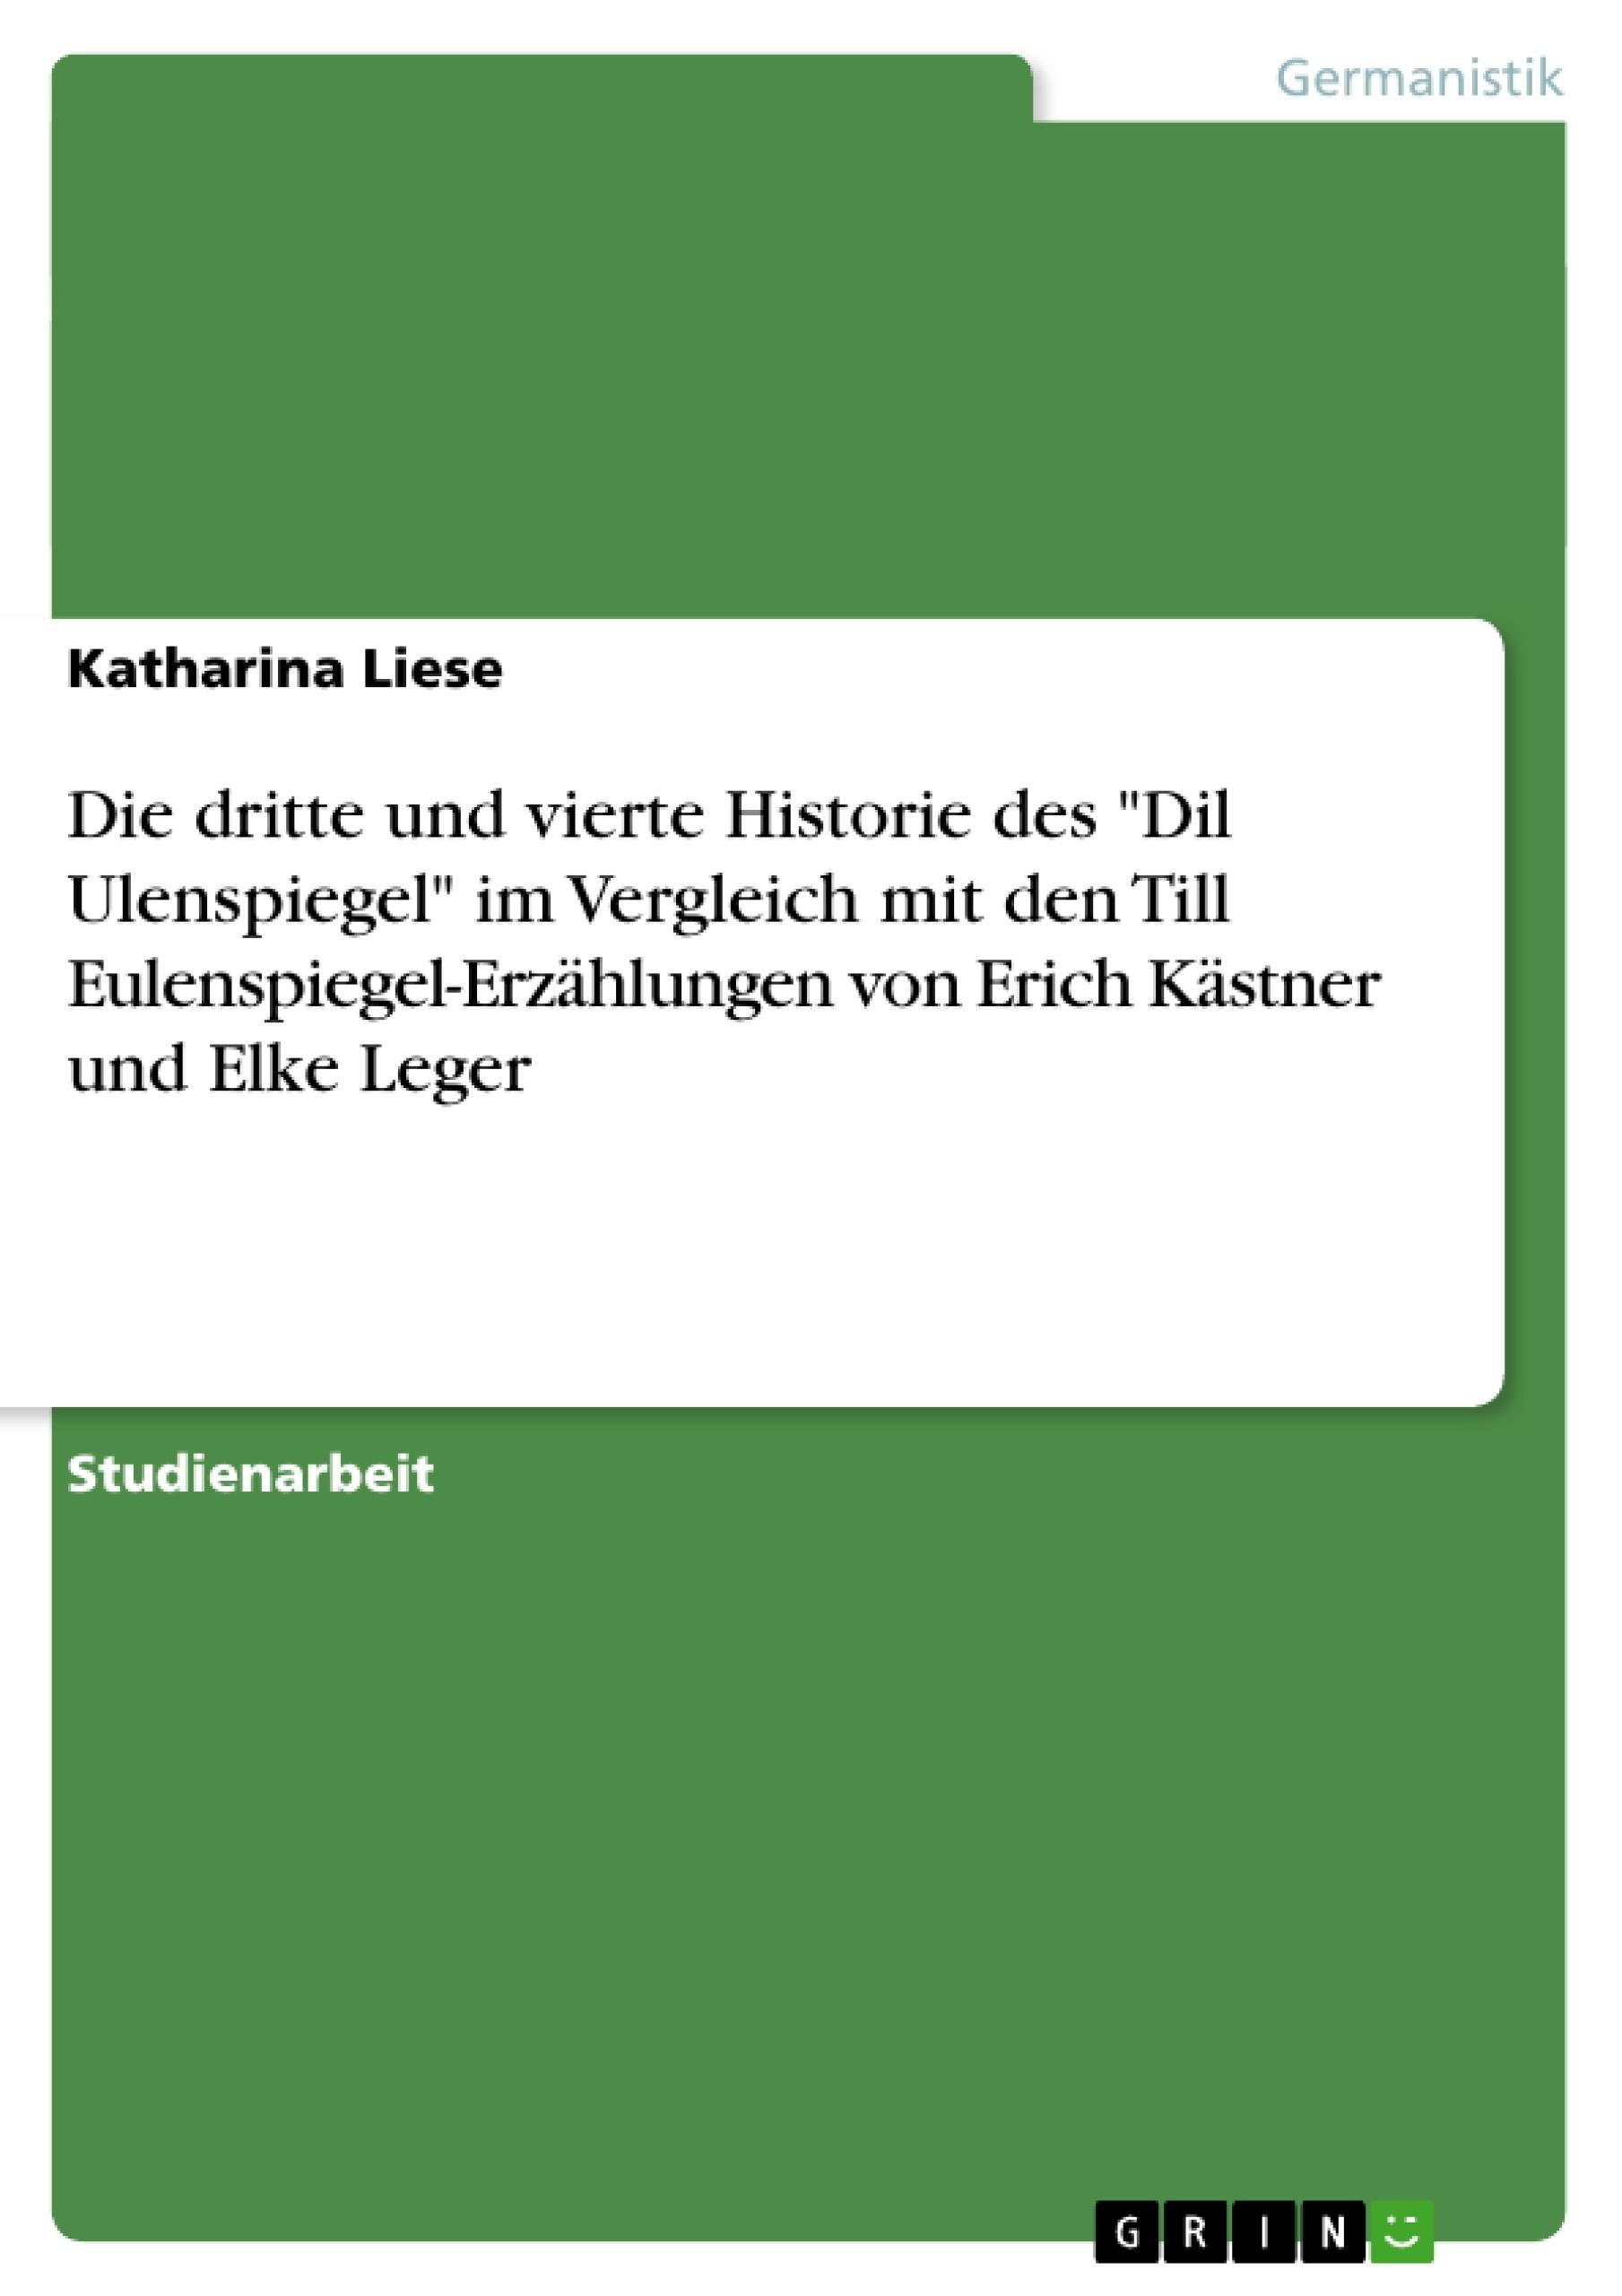 """Titel: Die dritte und vierte Historie des """"Dil Ulenspiegel"""" im Vergleich mit den Till Eulenspiegel-Erzählungen von Erich Kästner und Elke Leger"""